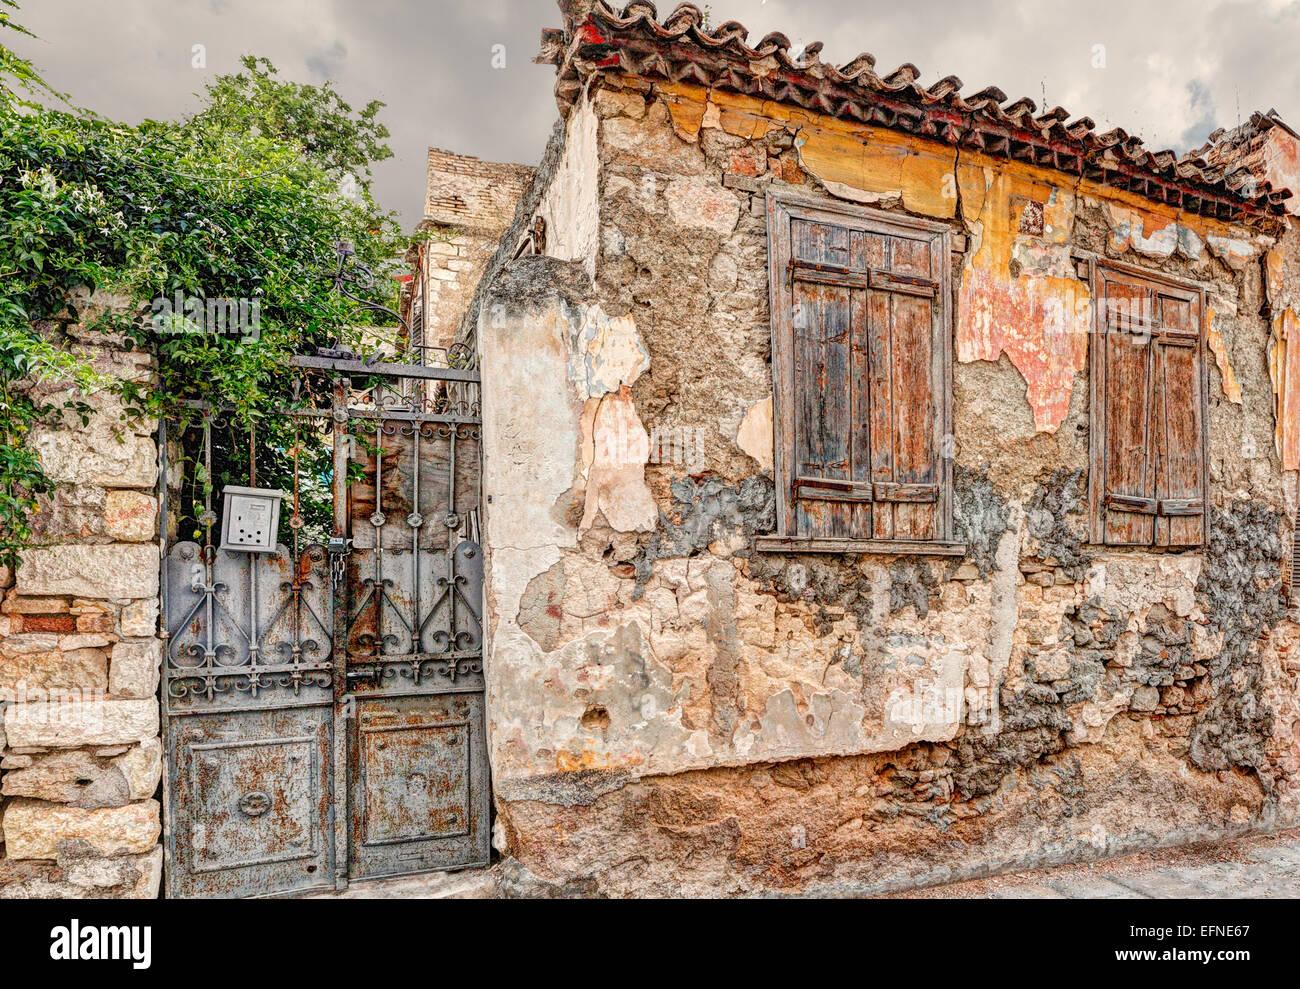 Maison en ruine de Plaka à Athènes, Grèce Photo Stock